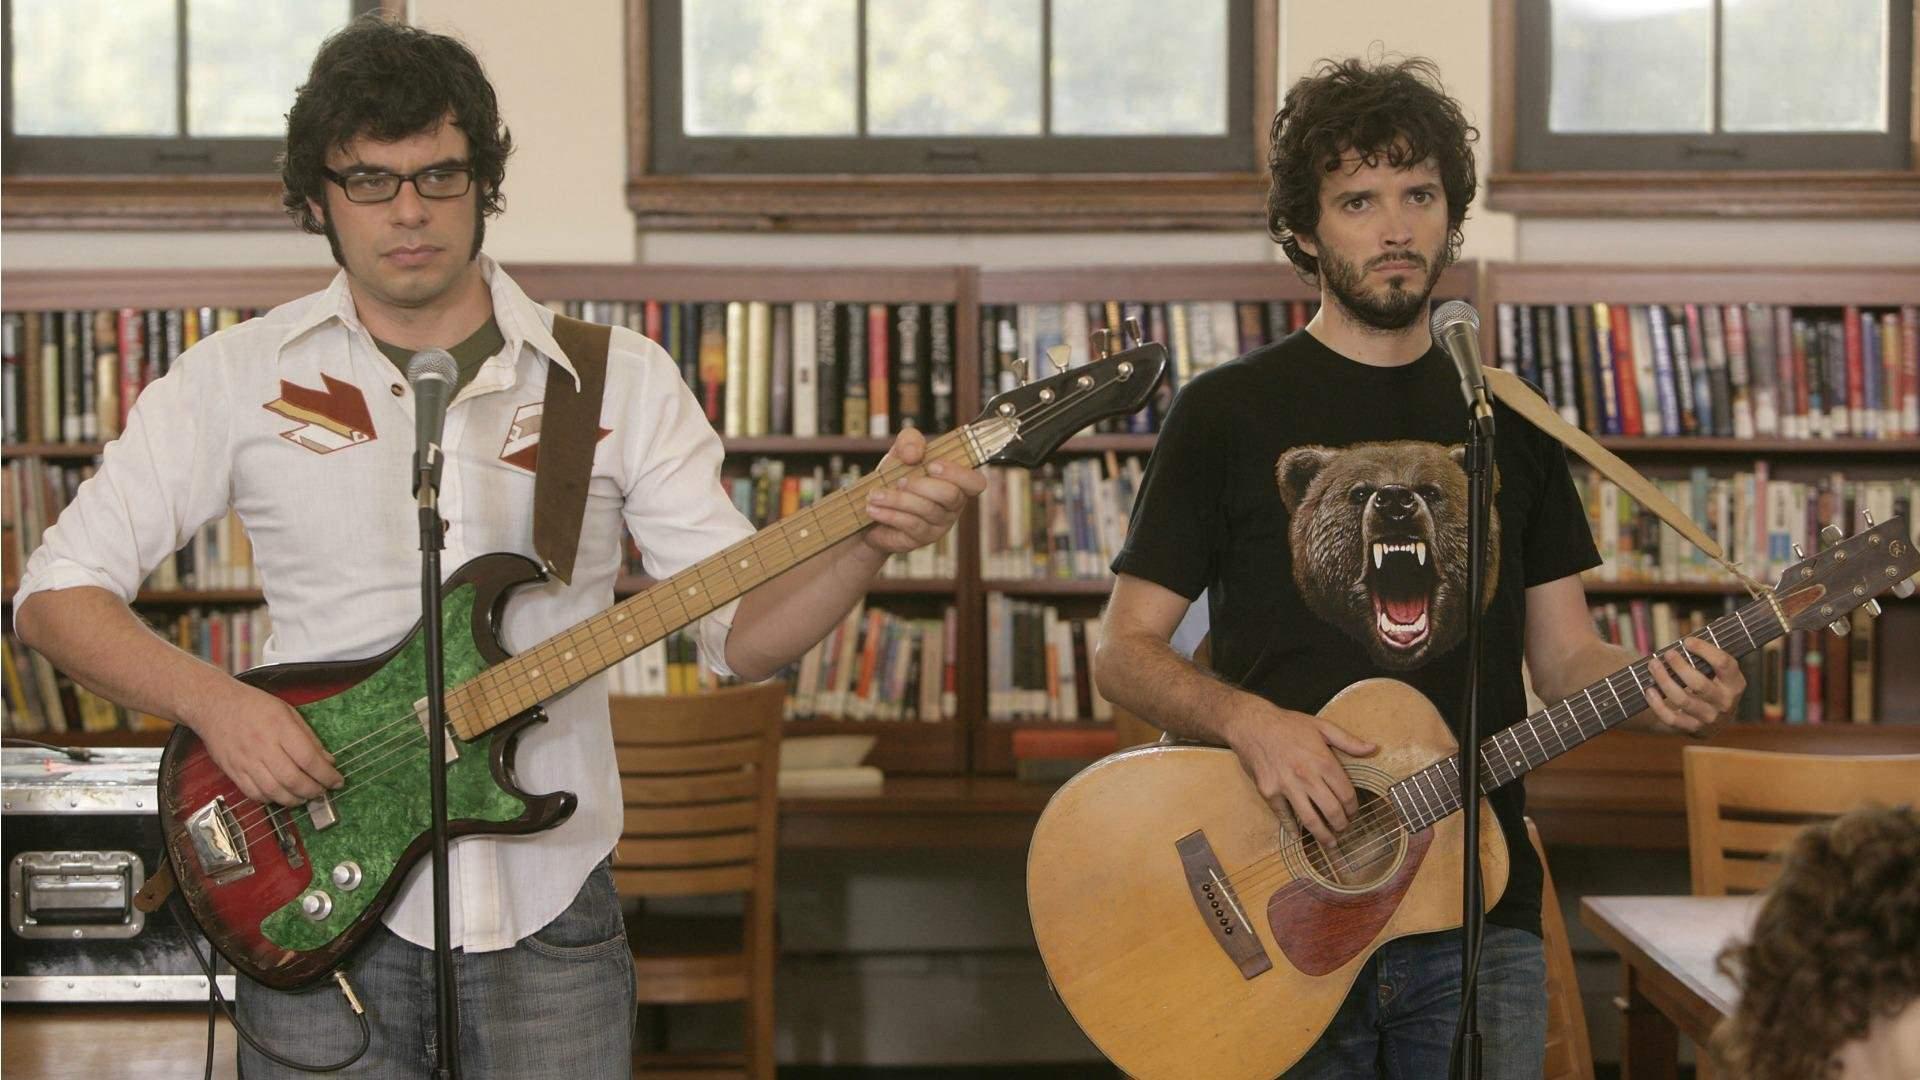 2007: FLIGHT OF THE CONCHORDS, eine Musik Duo aus Neuseeland das sein fiktives Leben in einer Comedy Serie zeigt. Real trifft Drehbuch.